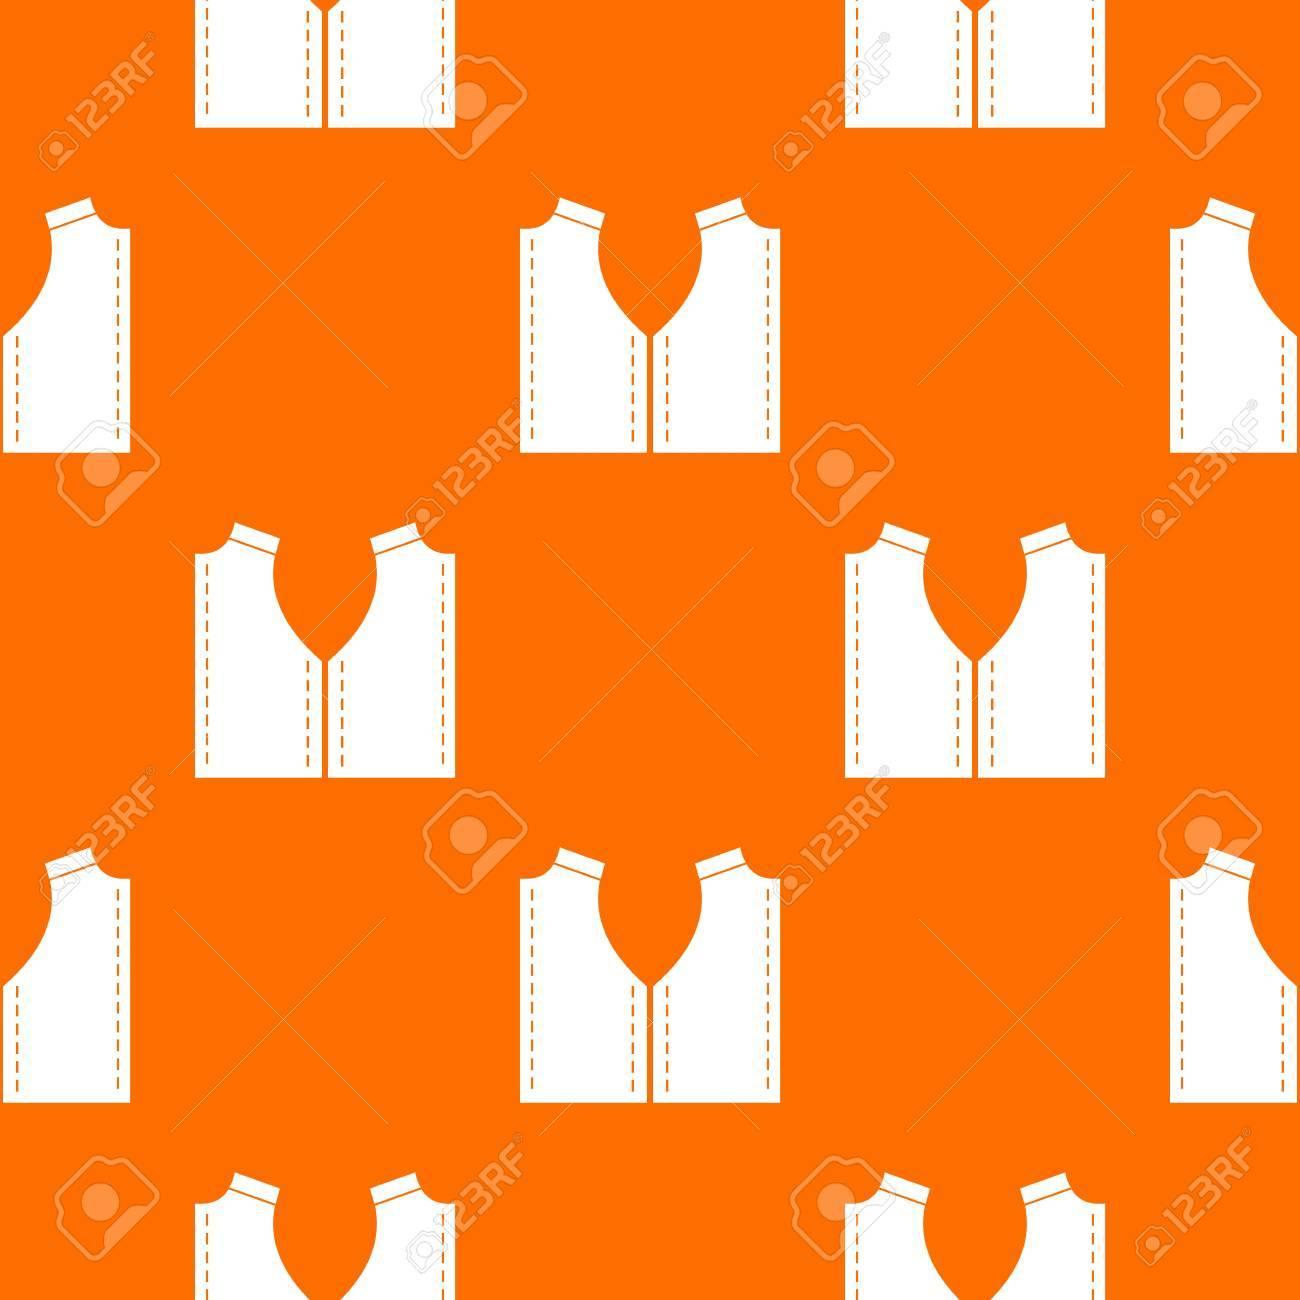 Muster Für Das Nähen Der Musterwiederholung Nahtlos In Der Orange ...